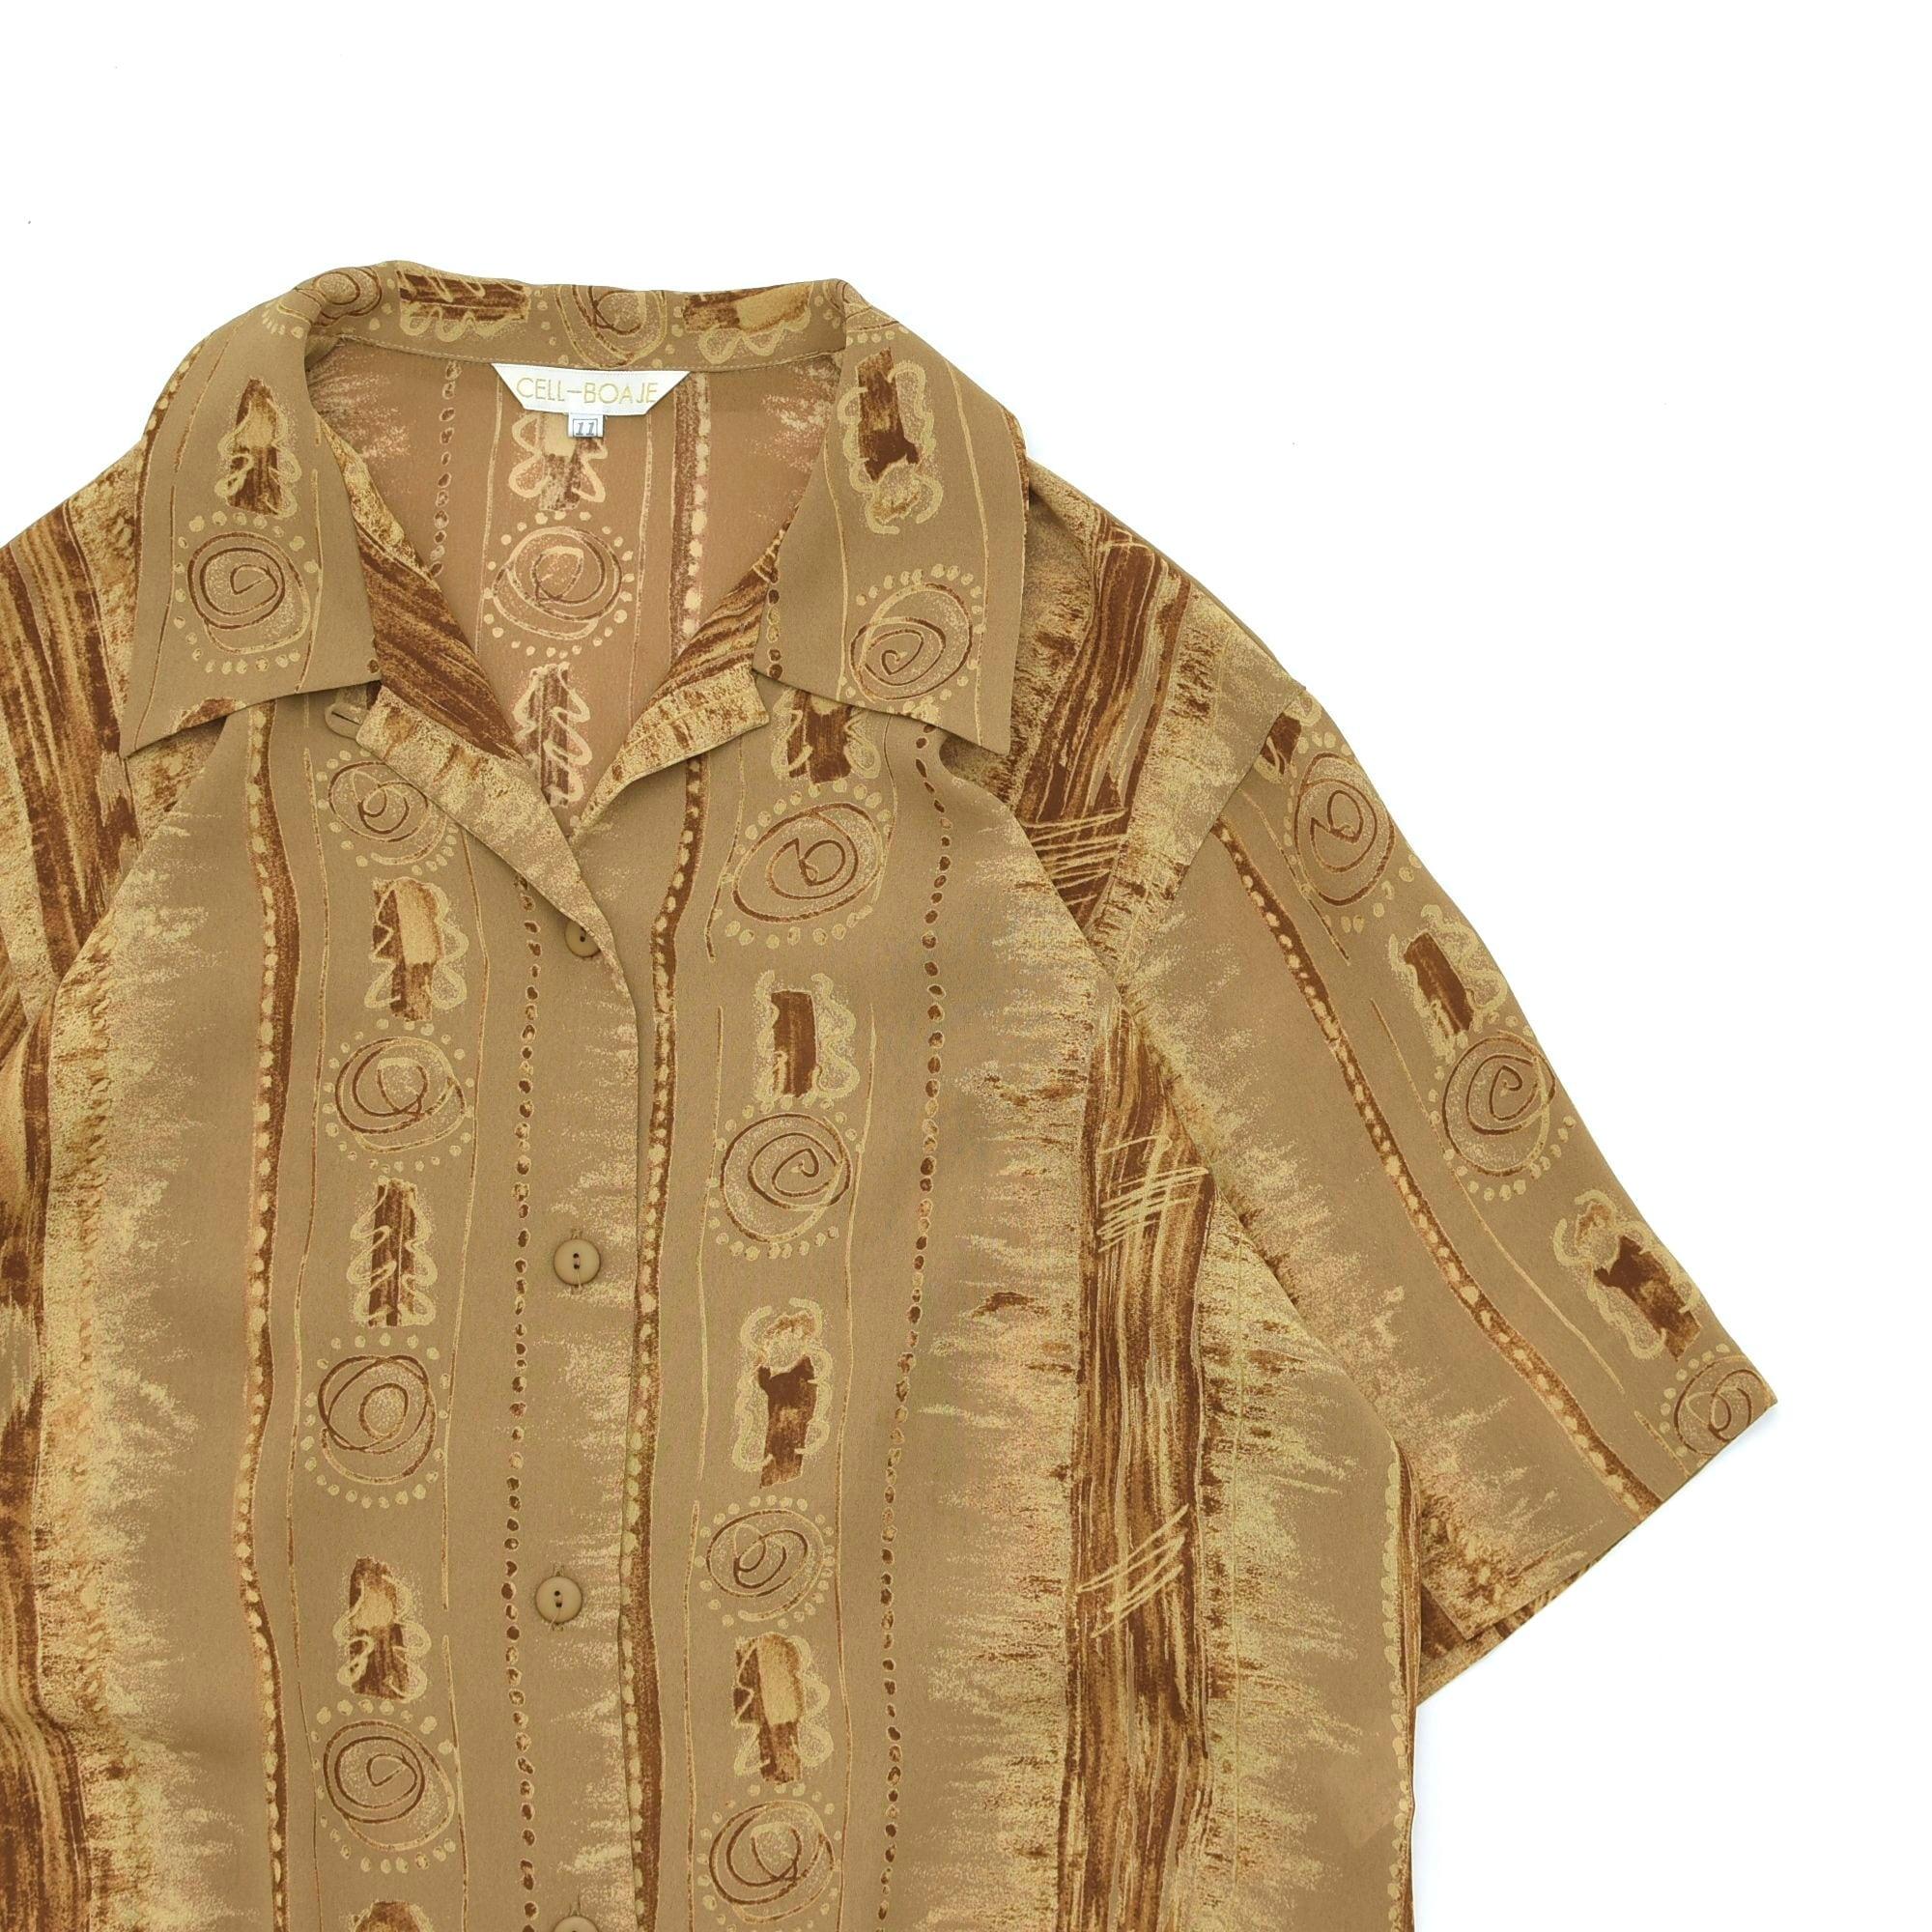 Jp vtg ancient mura open collar shirt